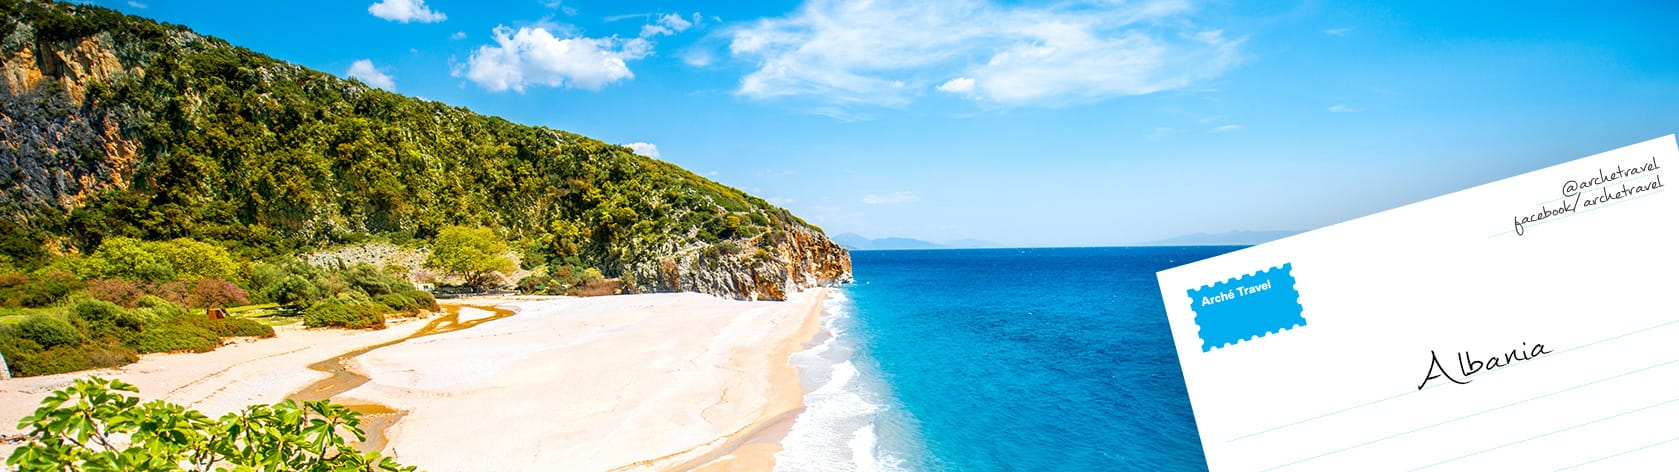 Blog Albania - Guida di Viaggio Albania - Blog di Viaggio Albania